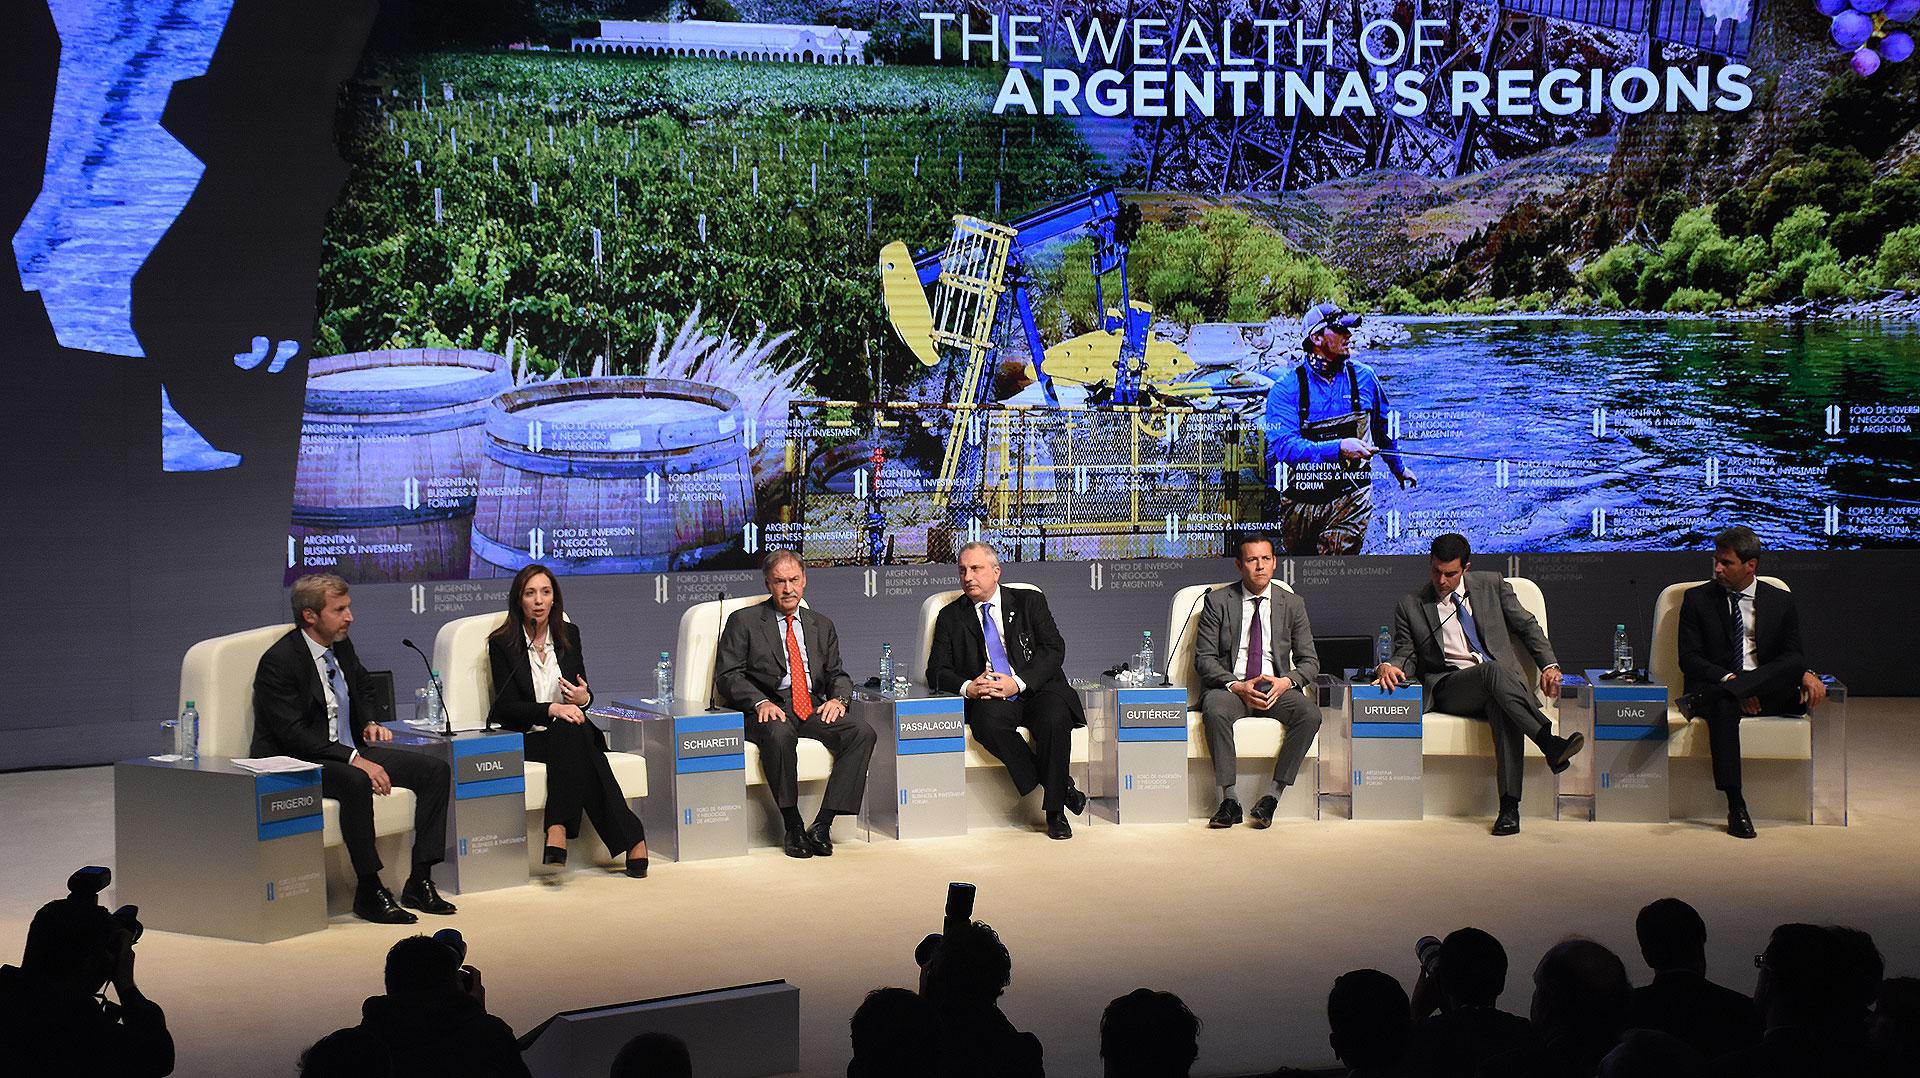 Los gobernadores María Eugenia Vidal (Buenos Aires), Juan Schiaretti (Córdoba), Hugo Passalacqua (Misiones), Omar Gutiérrez (Neuquén), Juan Manuel Urtubey (Salta) y Sergio Uñac (San Juan), junto al moderador Rogelio Frigerio